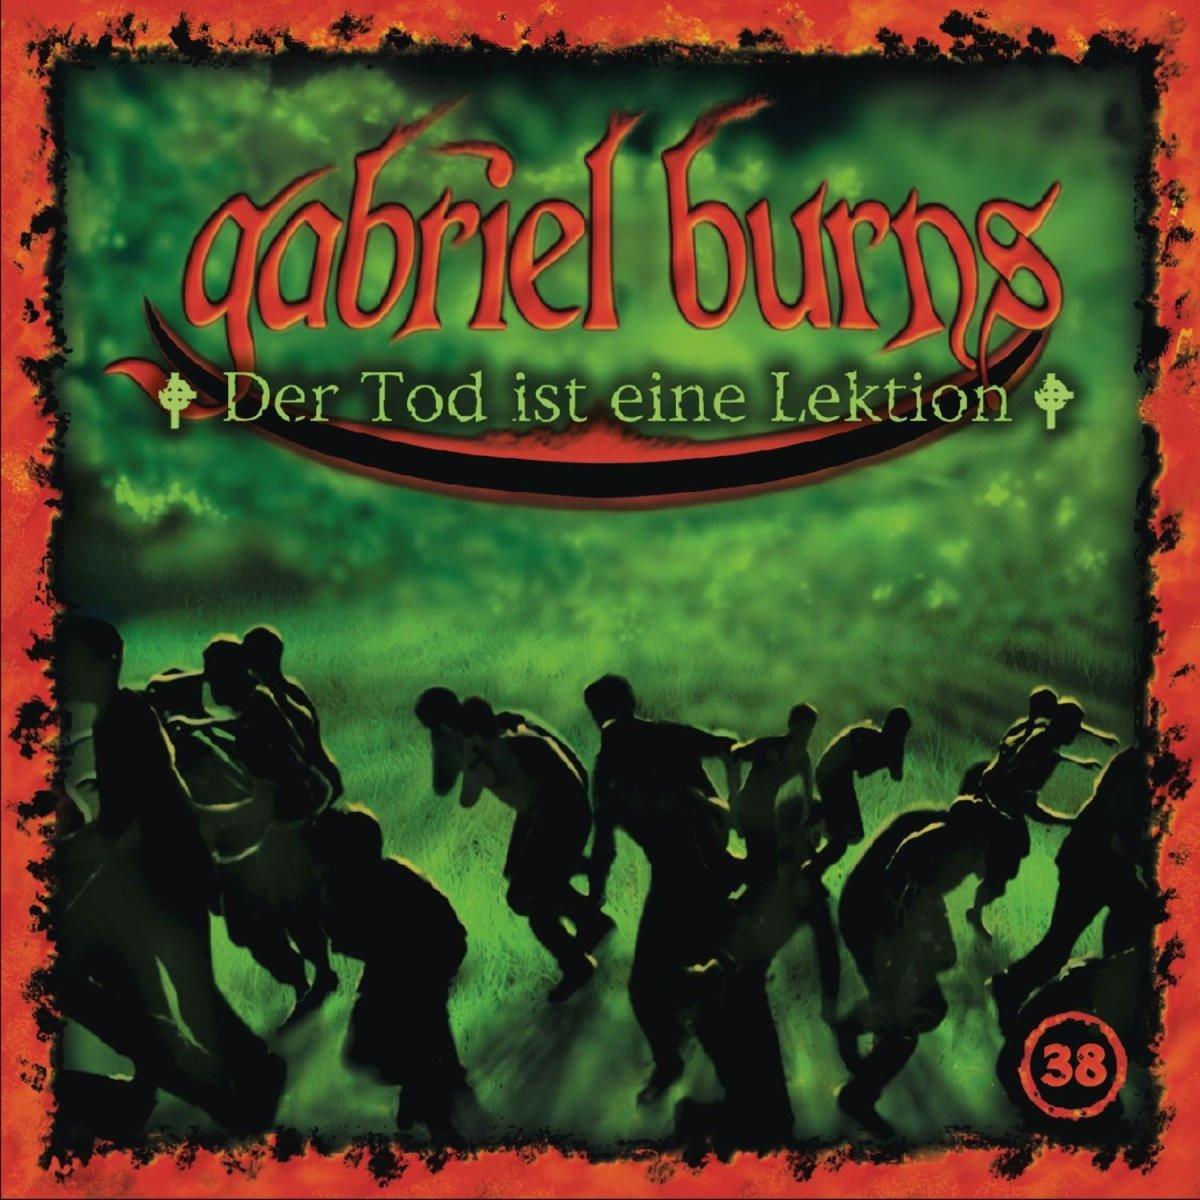 Gabriel Burns 38 Der Tod ist eine Lektion